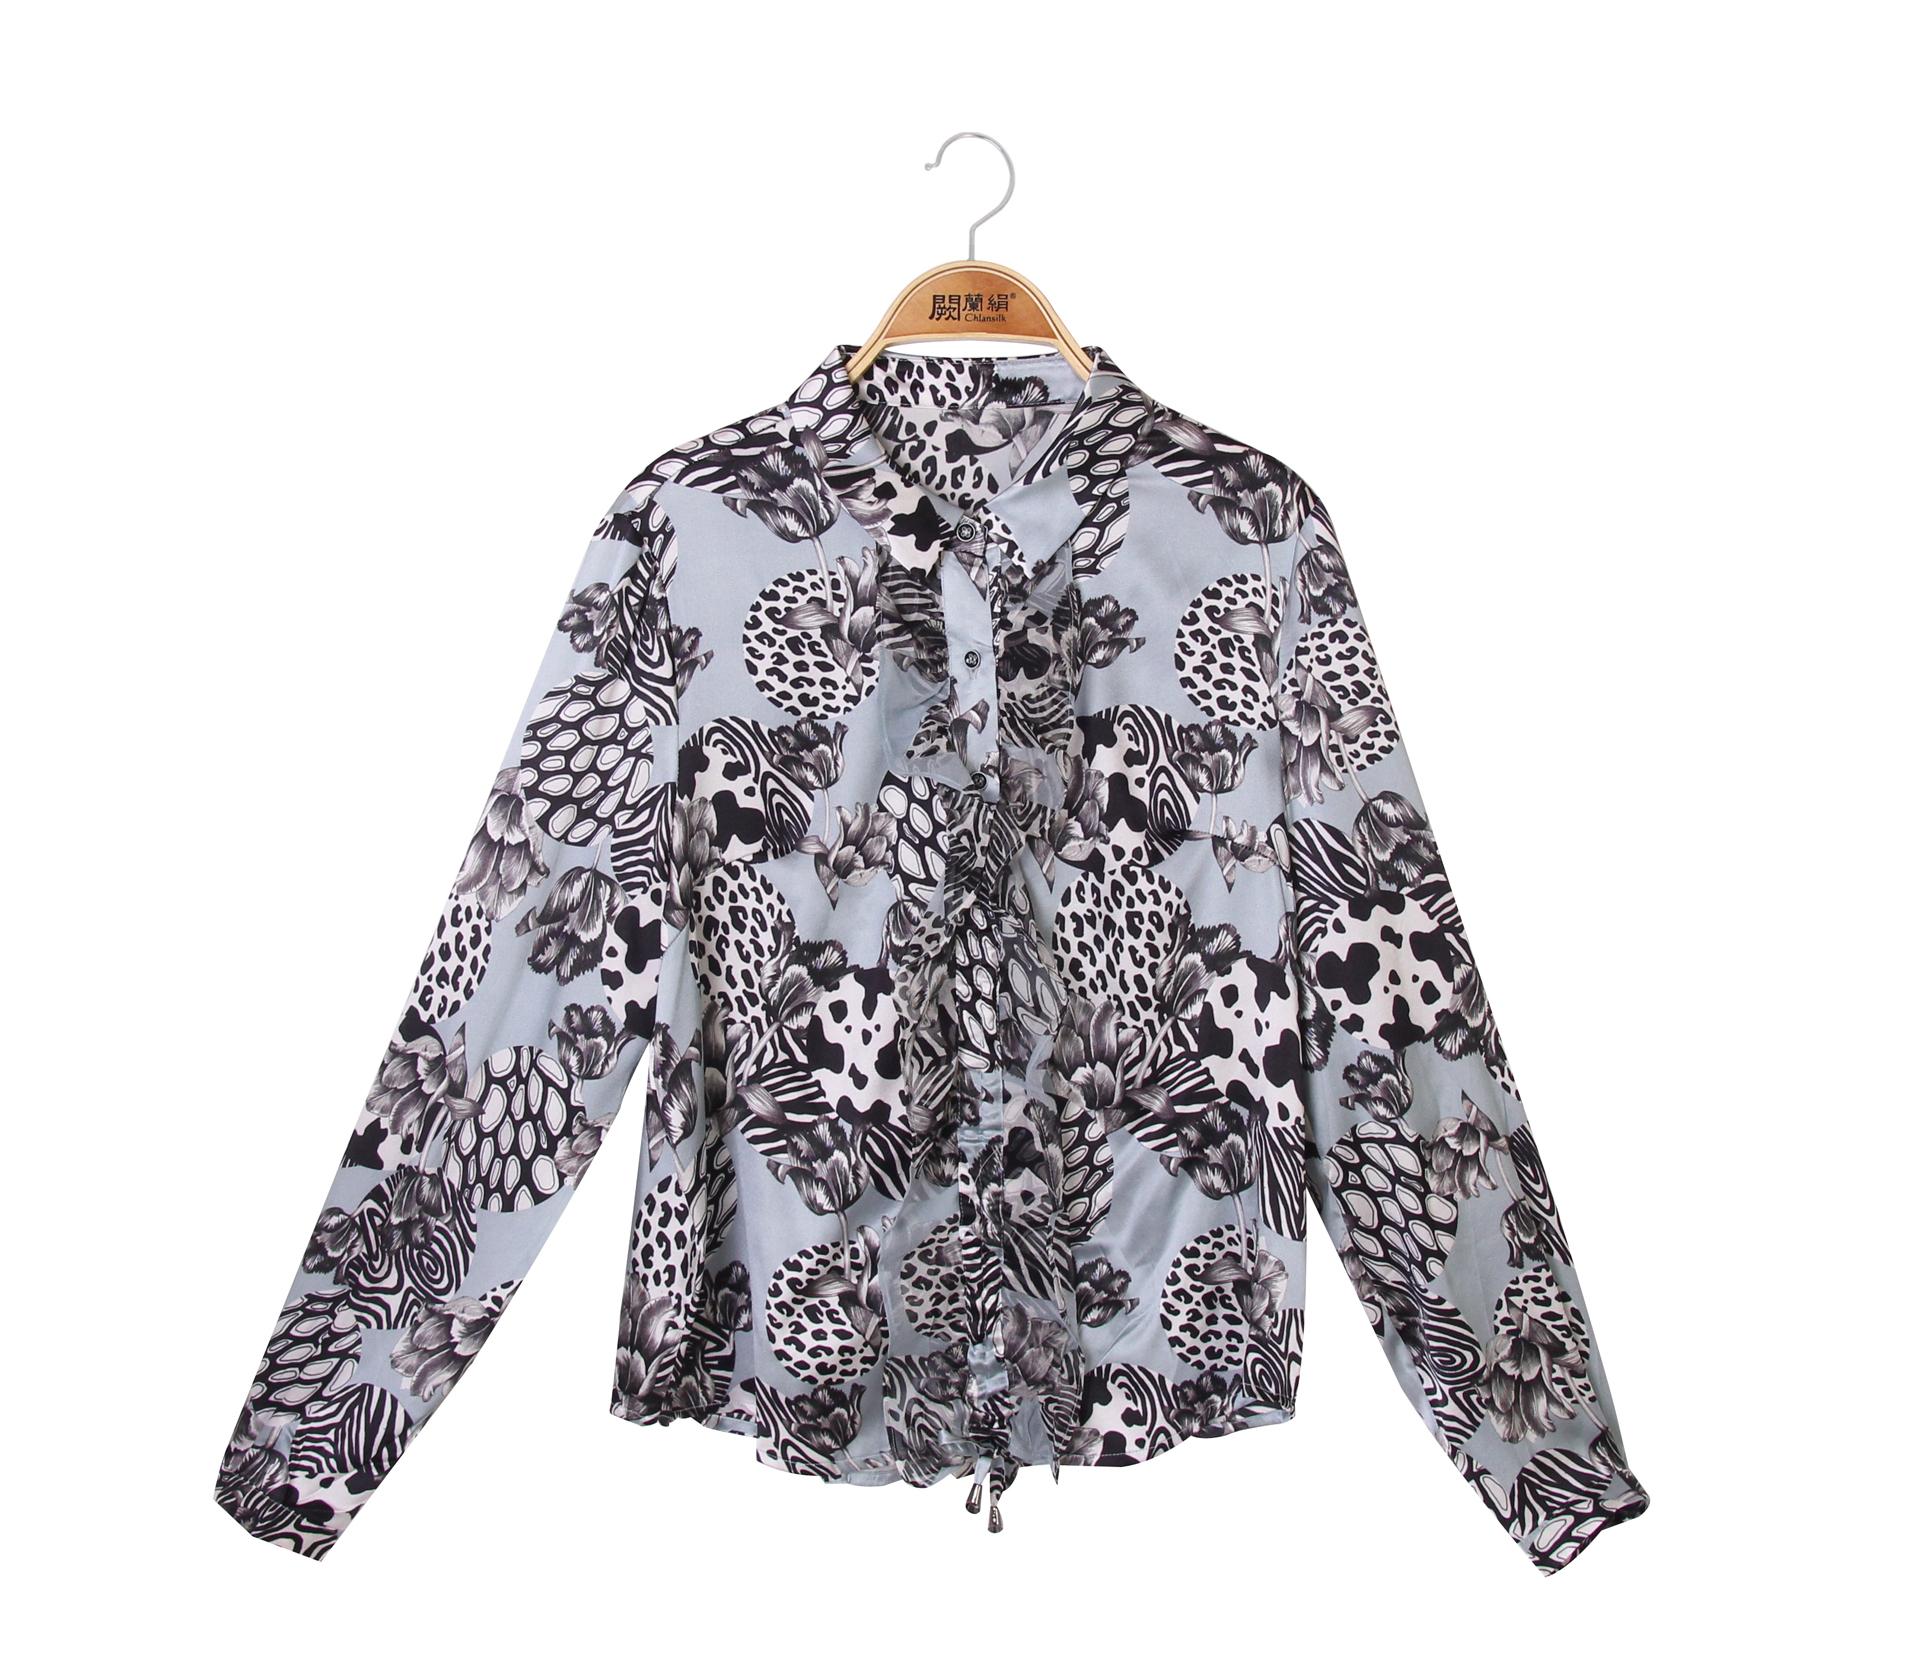 闕蘭絹獨特花紋小荷葉蠶絲雪紡襯衫 - 綠色 - 6016